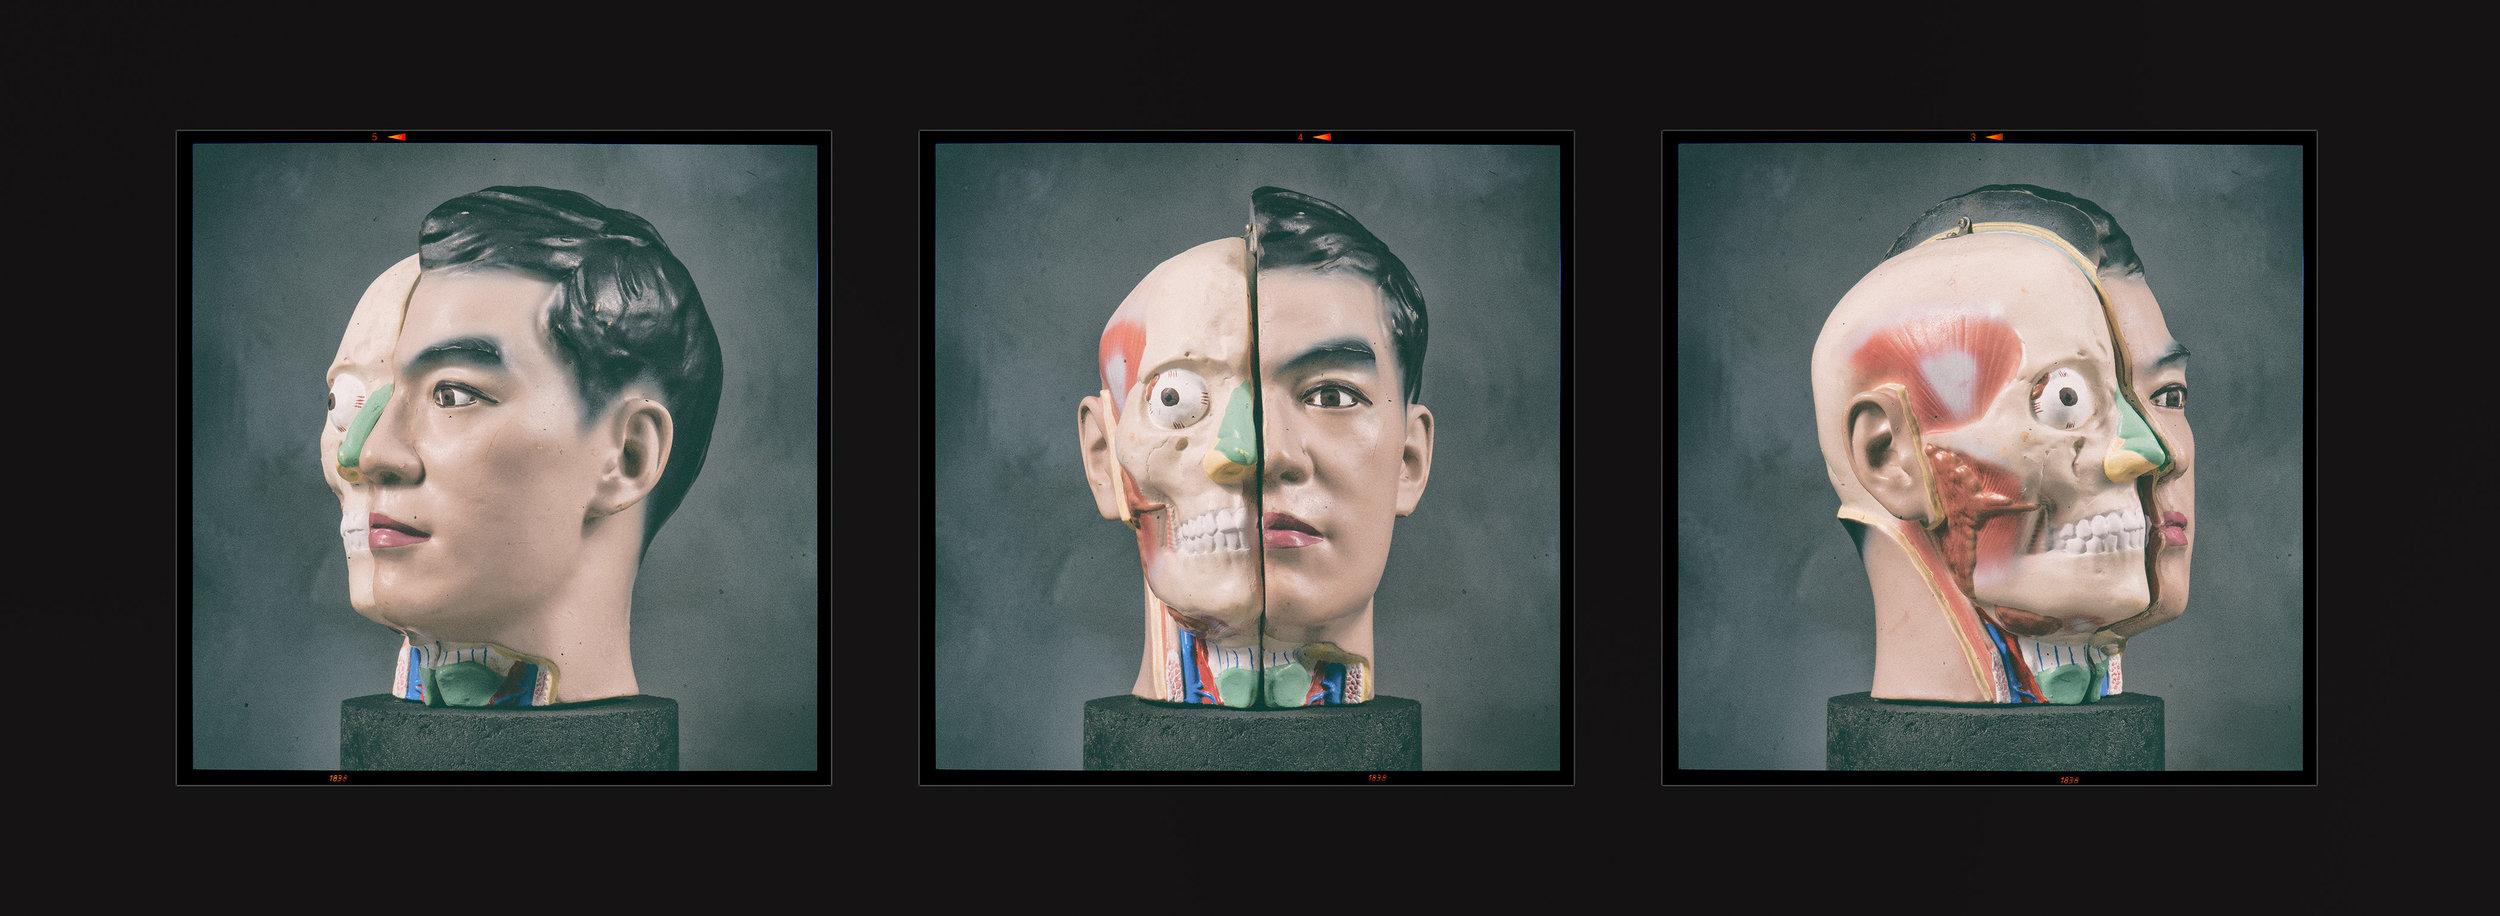 Medical_Head_Triptych_PORT.jpg